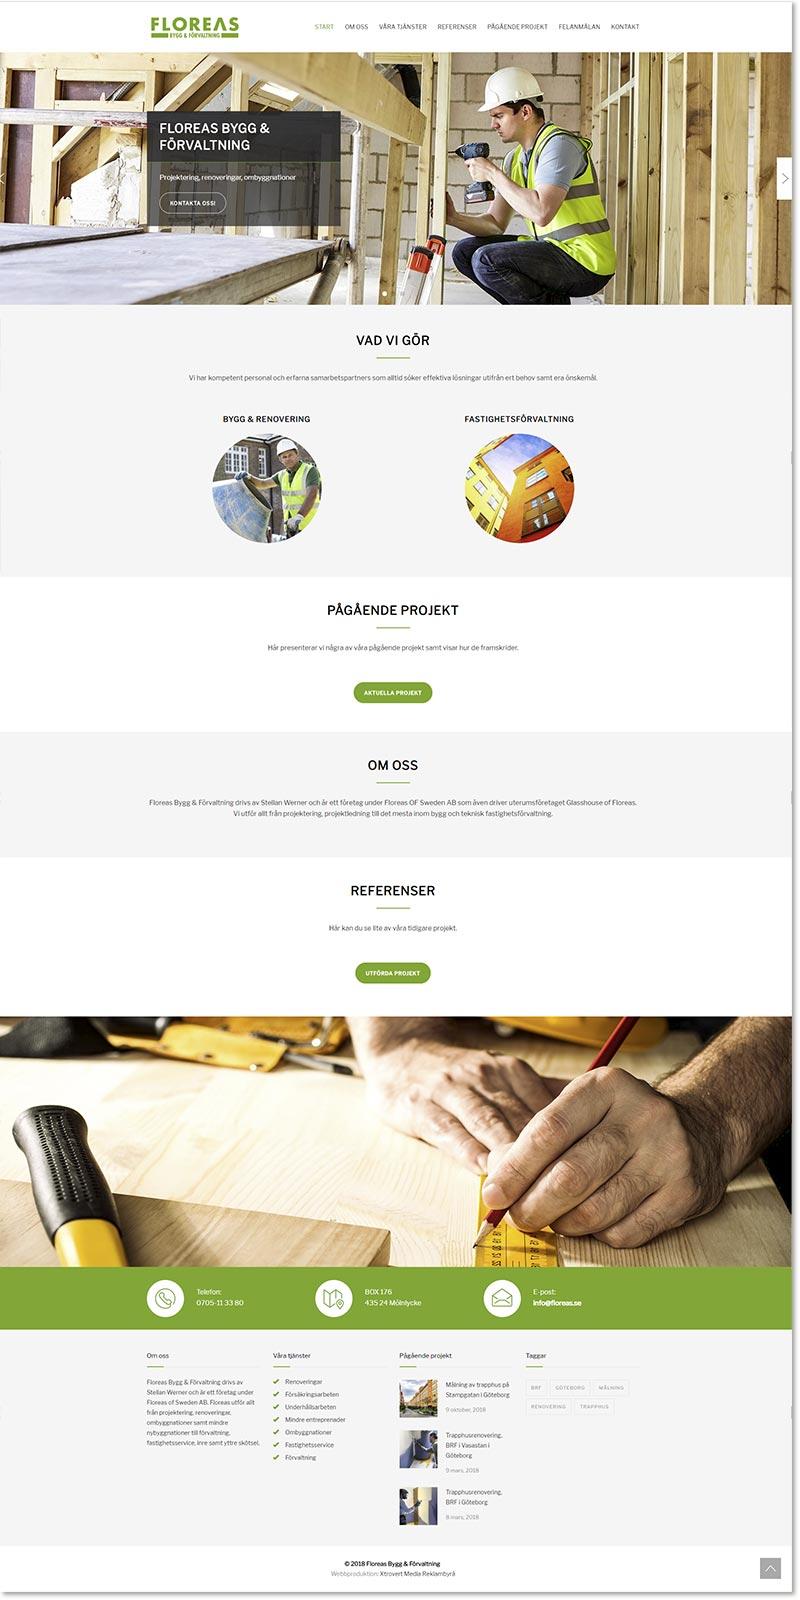 Webbsida och grafisk profil till Floreas Bygg & Förvaltning av reklambrån Xtrovert Media i Göteborg.